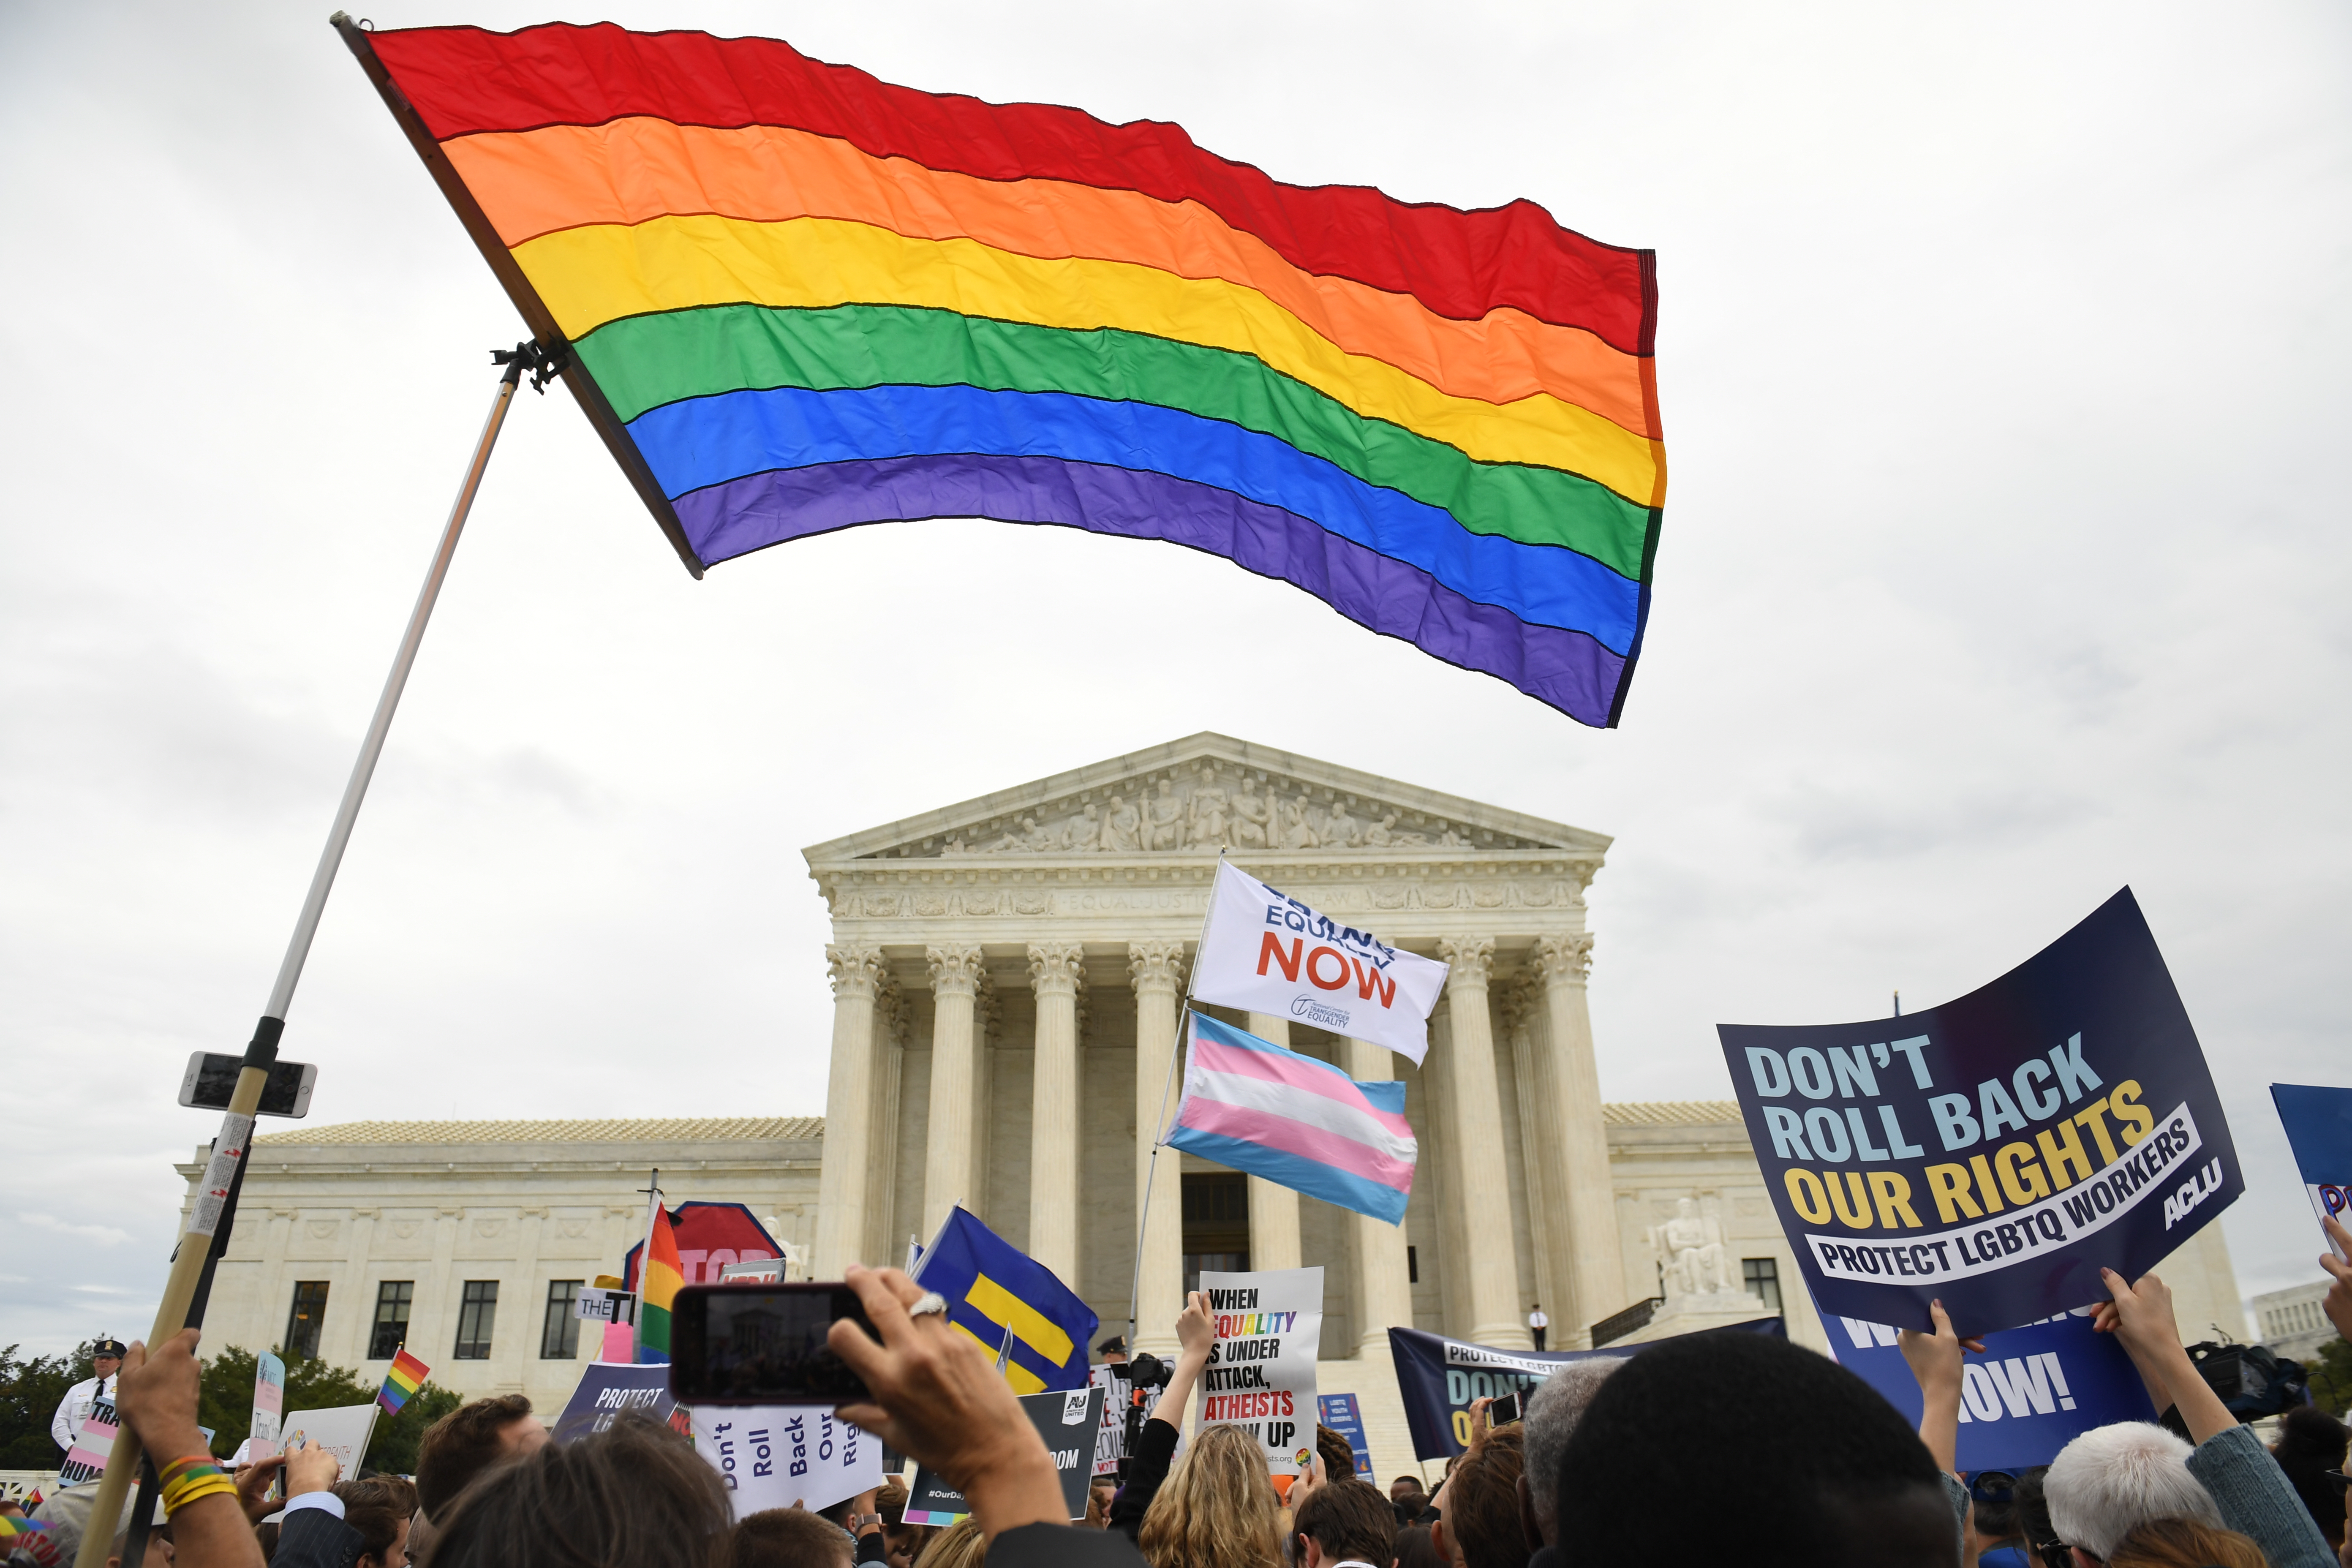 A melegekre és a transzokra is kiterjesztette a munkahelyi diszkrimináció tilalmát az USA legfelsőbb bírósága